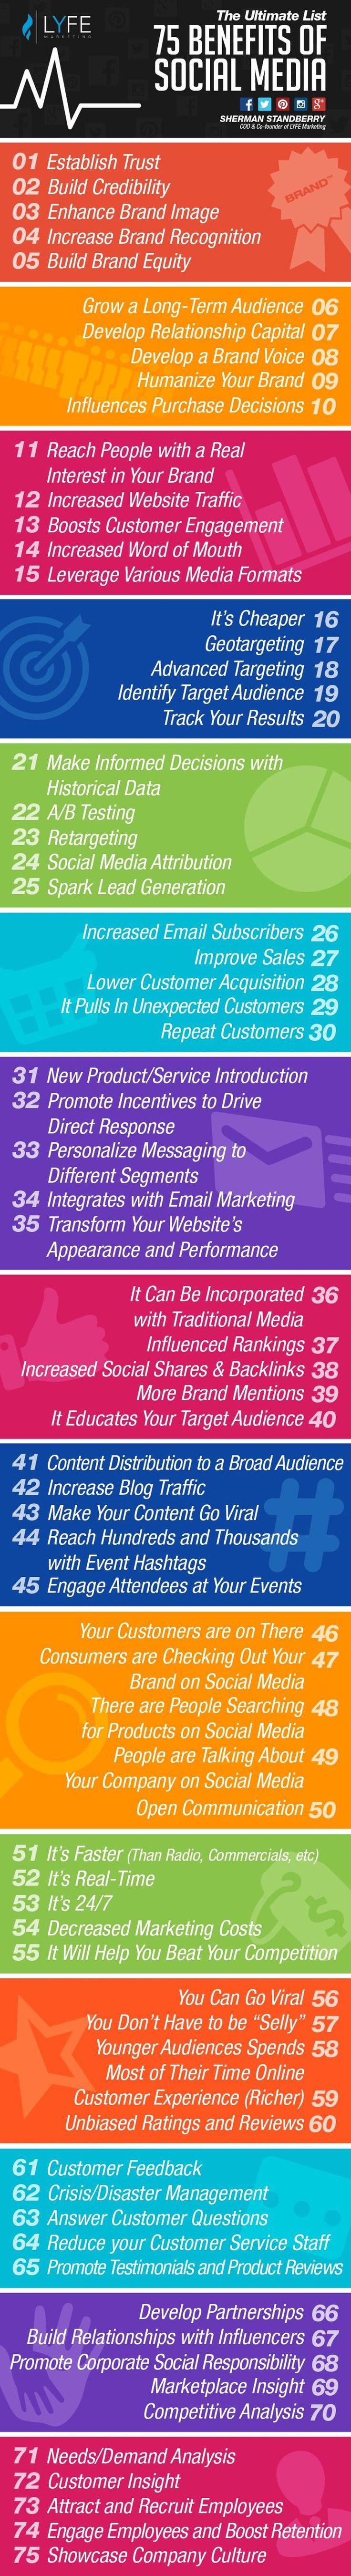 Genial infografía para los interesados en Social Media que nos presenta un gran listado con 75 beneficios que nos ofrecen las Redes Sociales. ¡Recomendable!